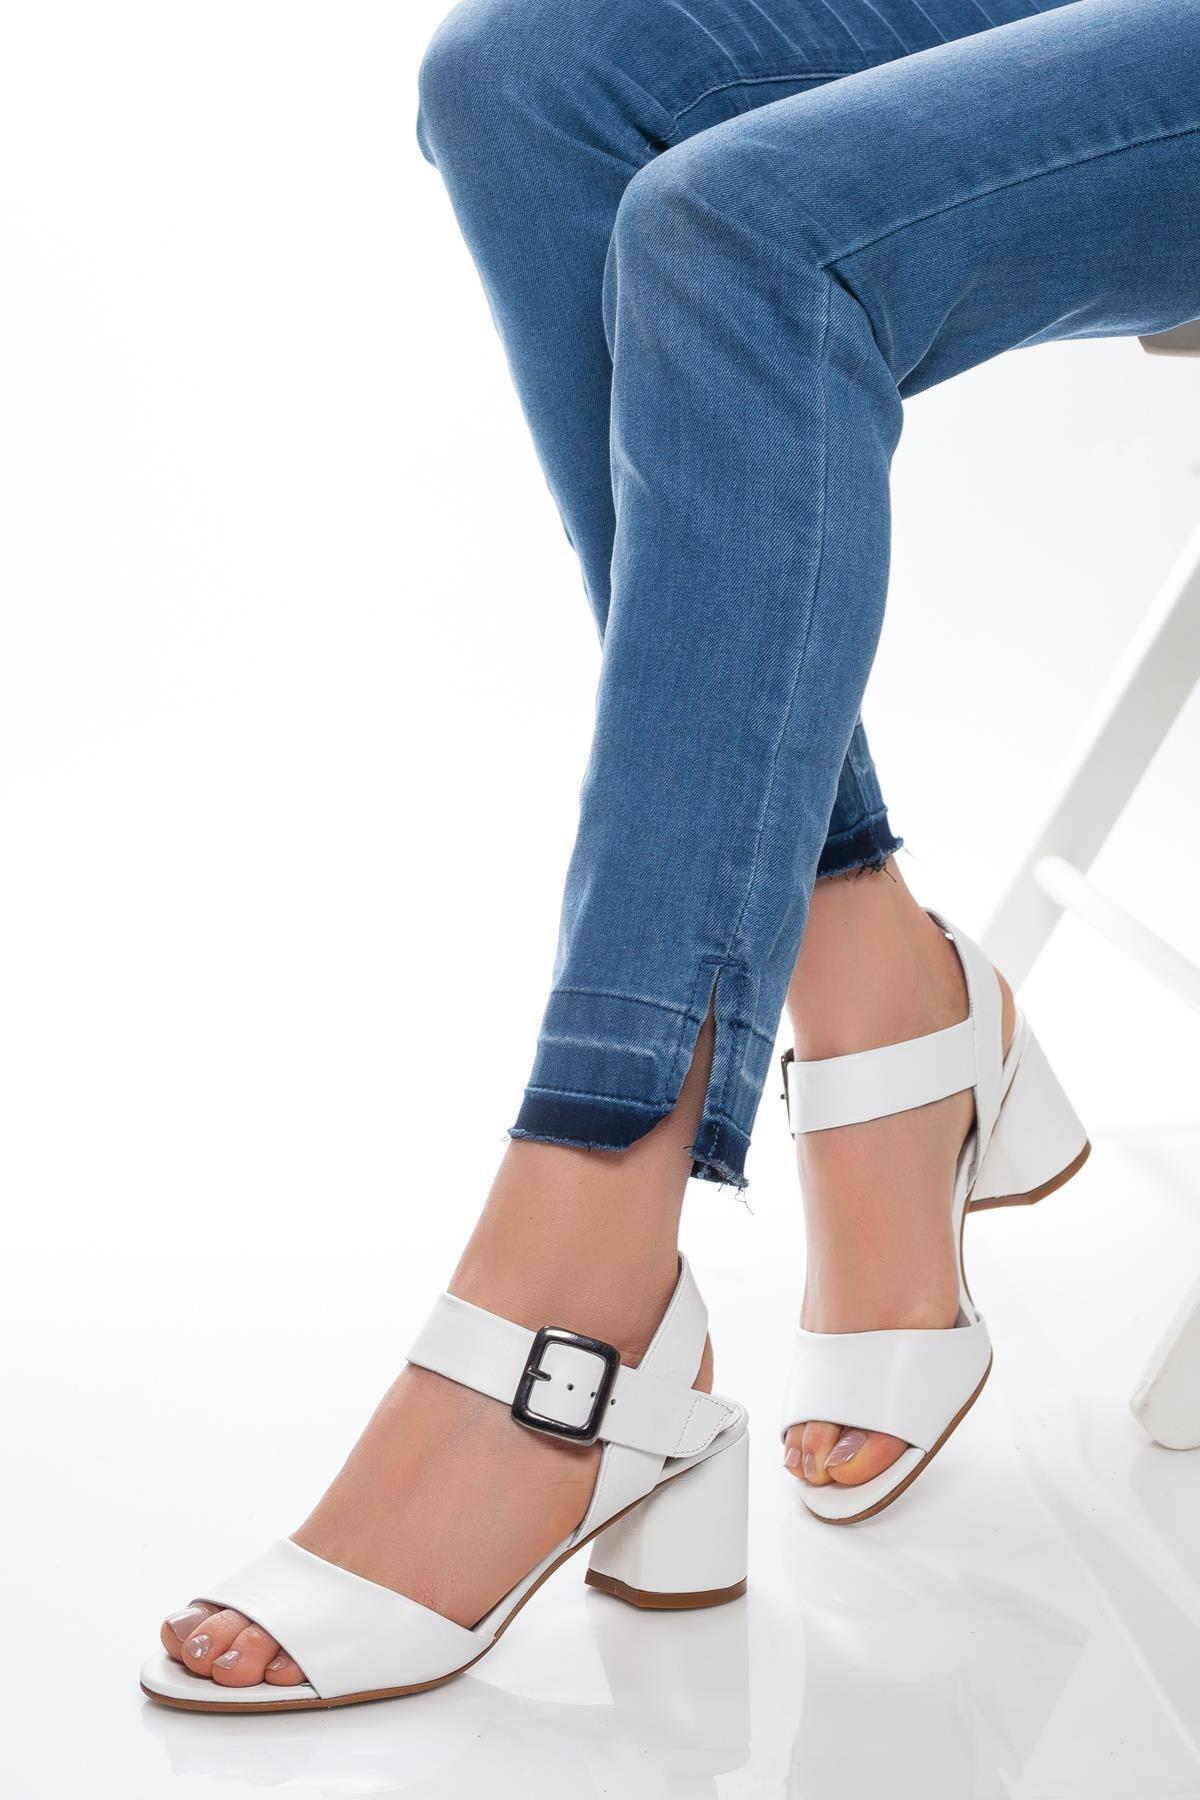 Deripabuc Hakiki Deri Beyaz Kadın Topuklu Deri Ayakkabı Shn-1937 1